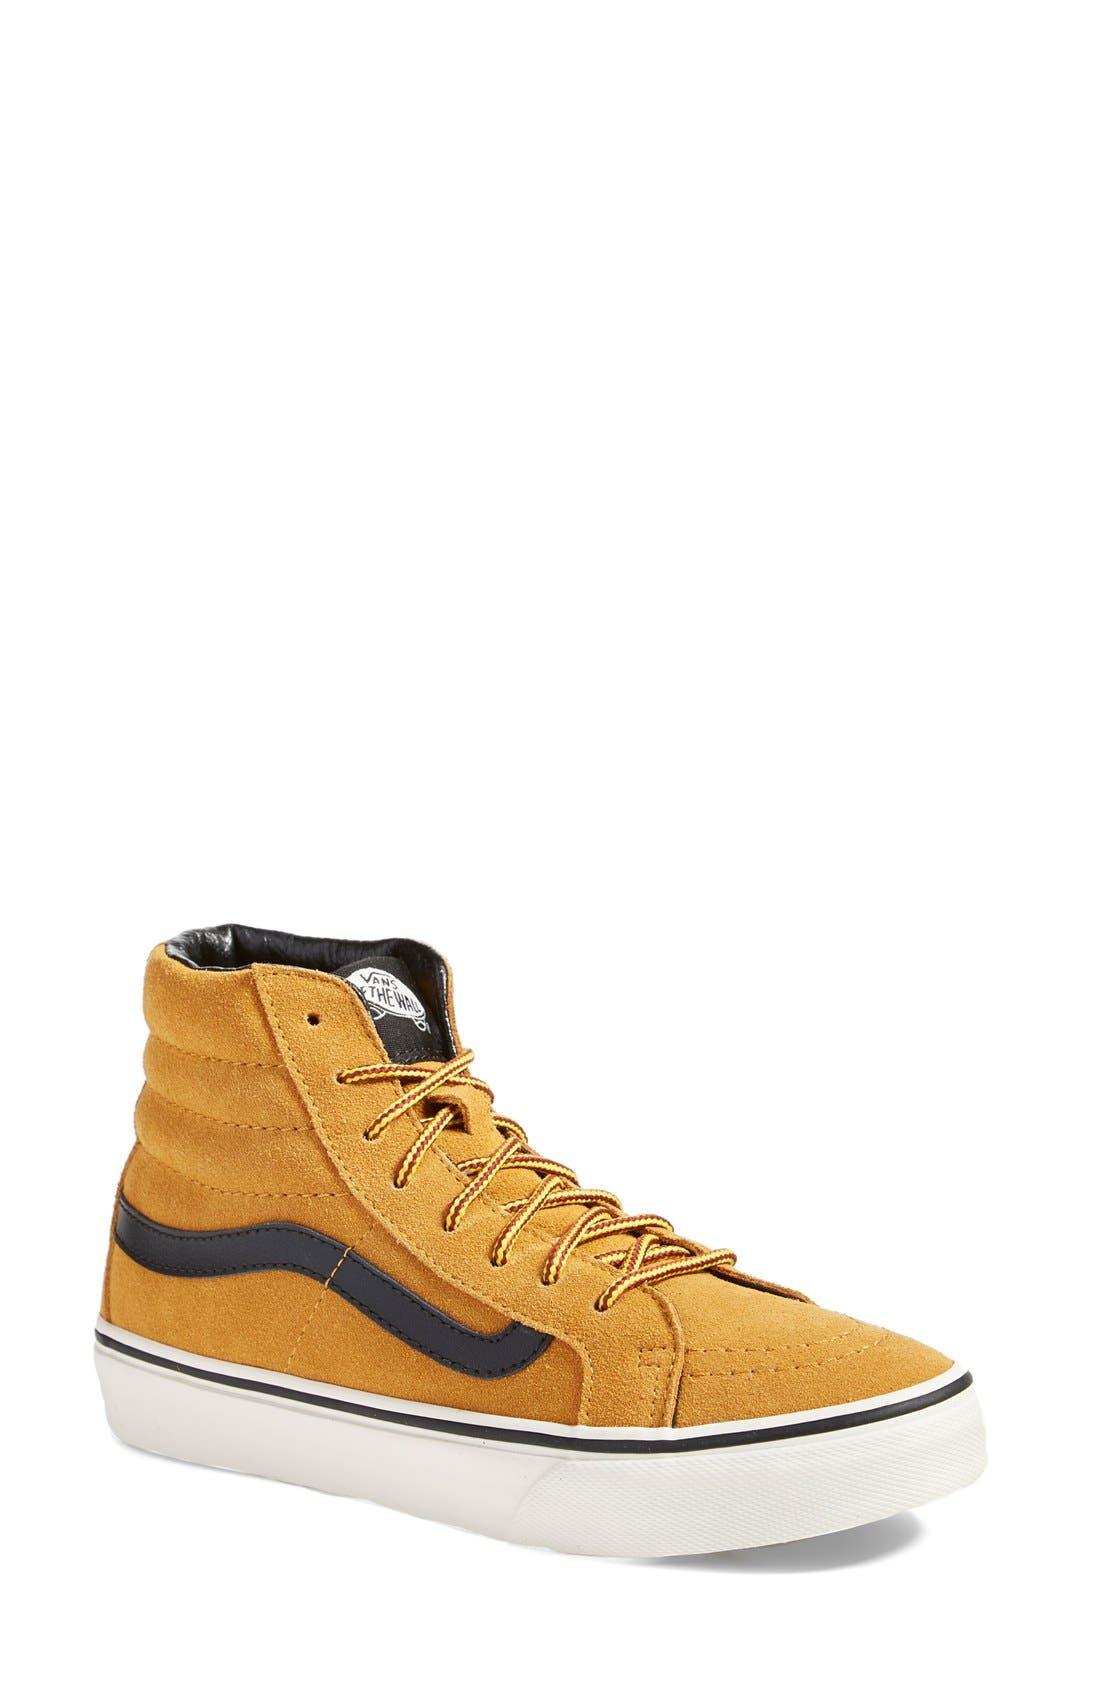 Alternate Image 1 Selected - Vans 'Sk8-Hi Slim' Suede Sneaker (Women)